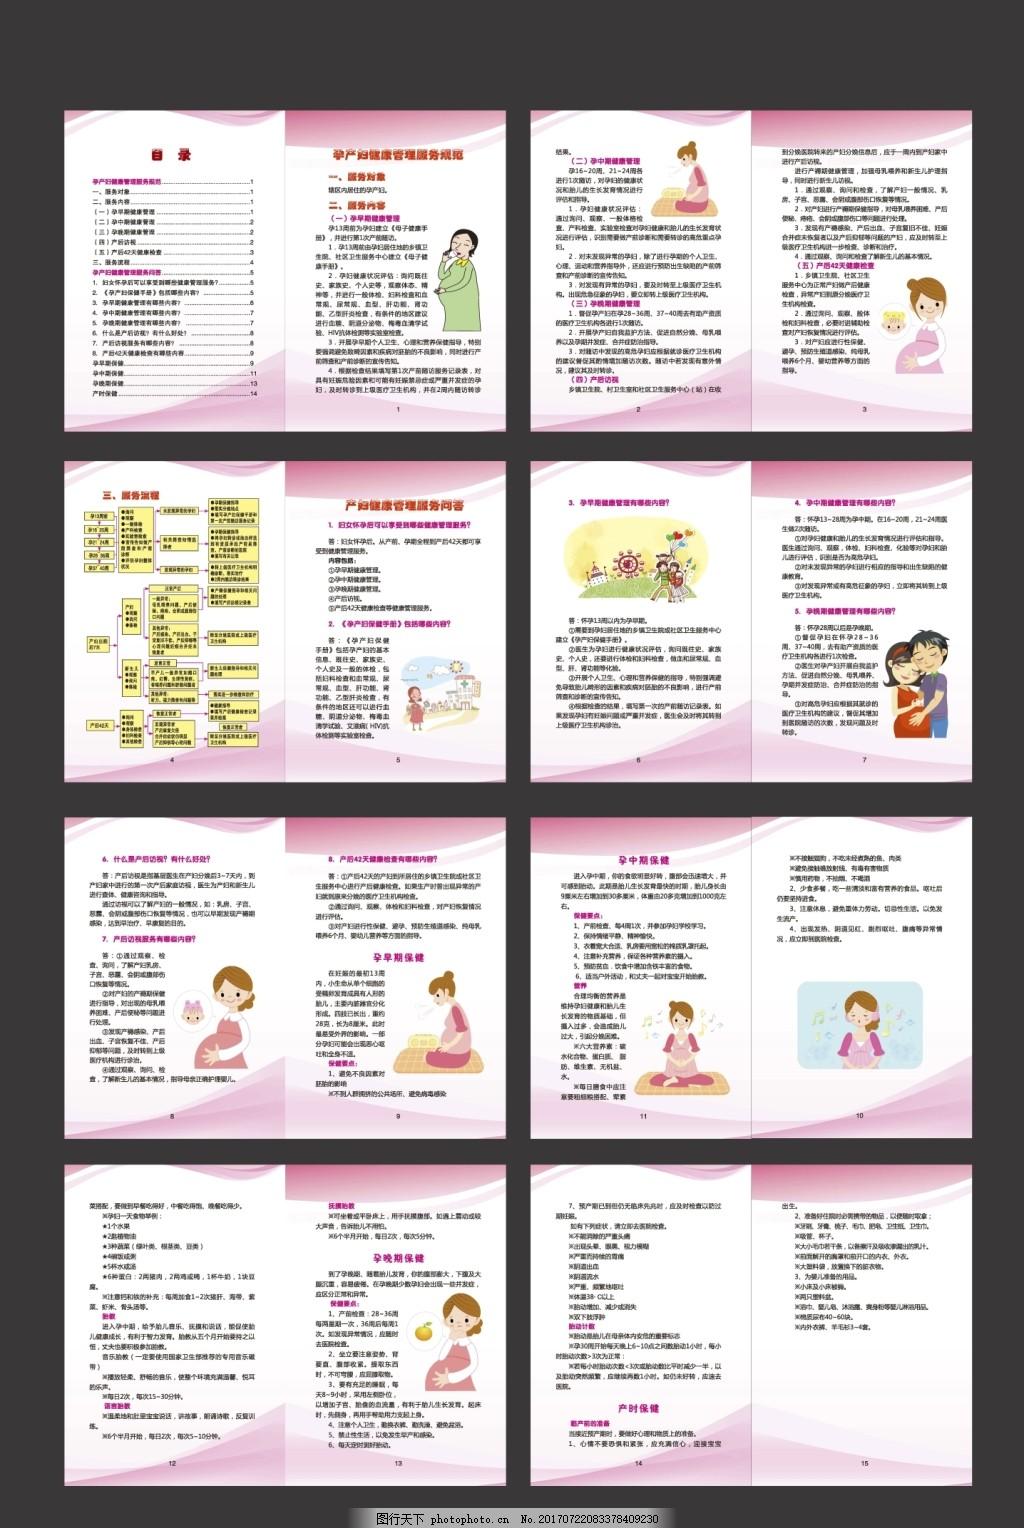 孕产妇宣传手册画册模板下载 孕产妇画册 孕产妇保健手册 孕产妇健康宣传手册